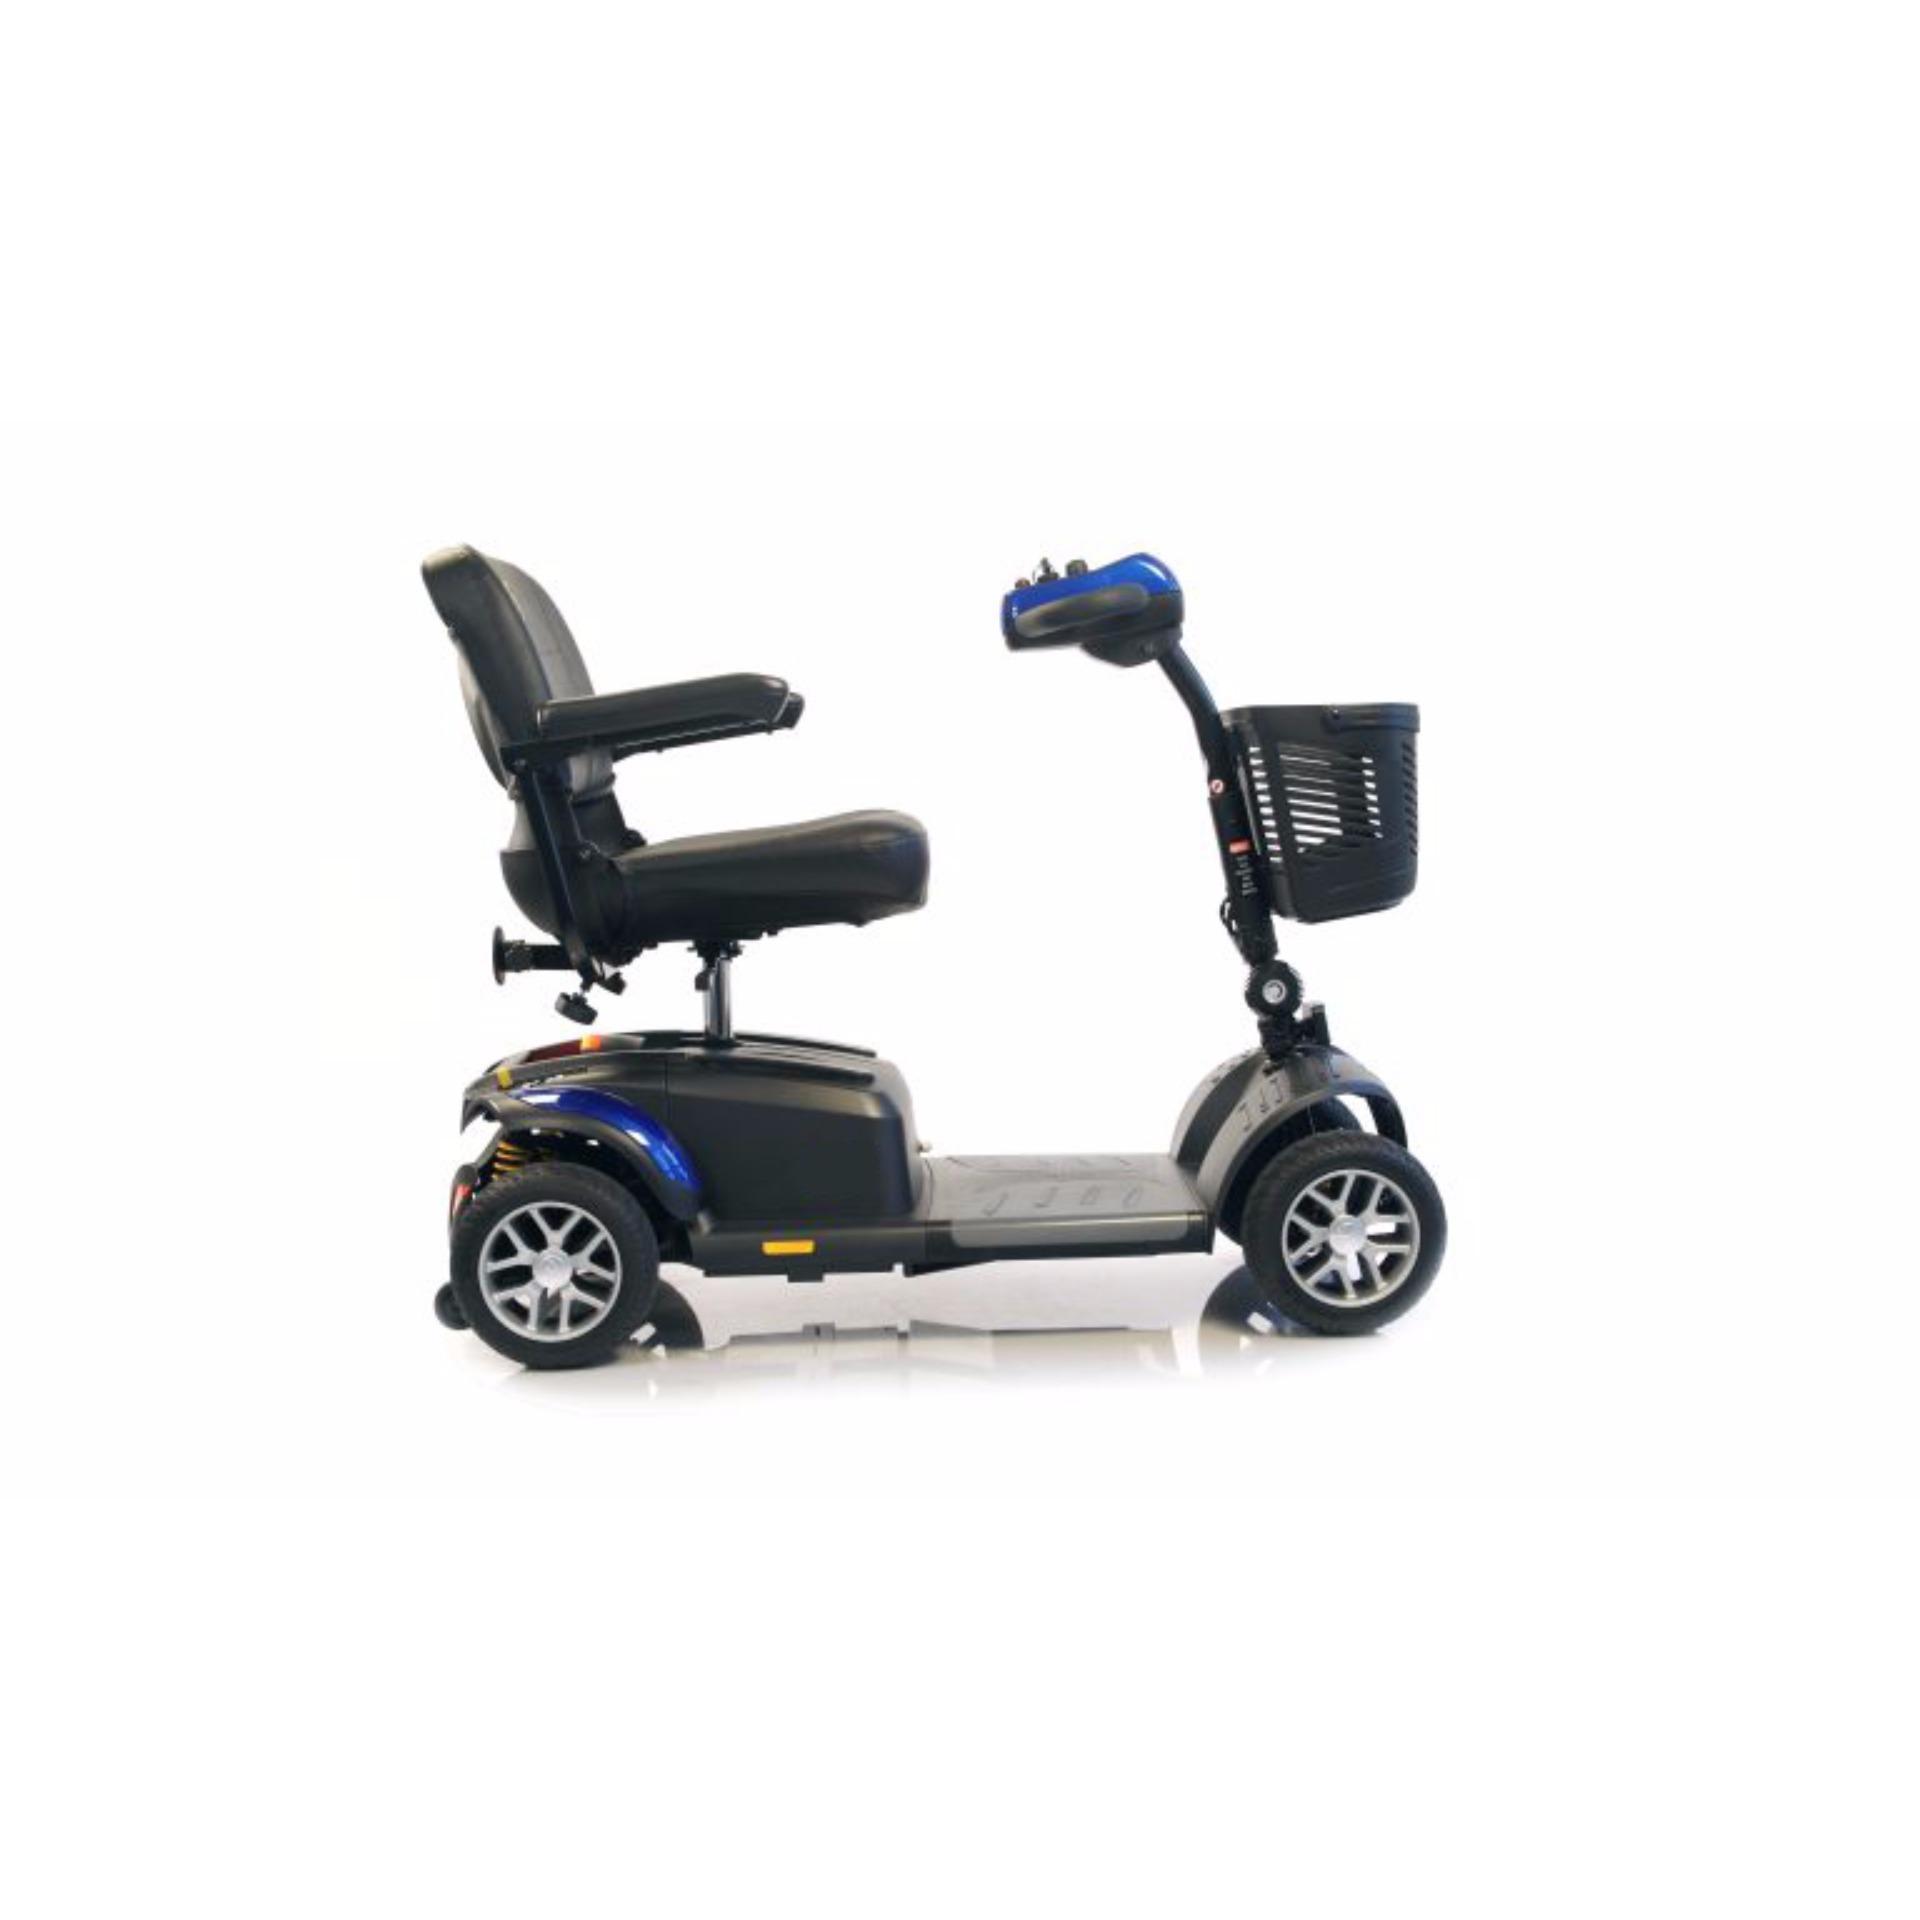 Xe lăn điện cao cấp Eurocare Omega chính hãng